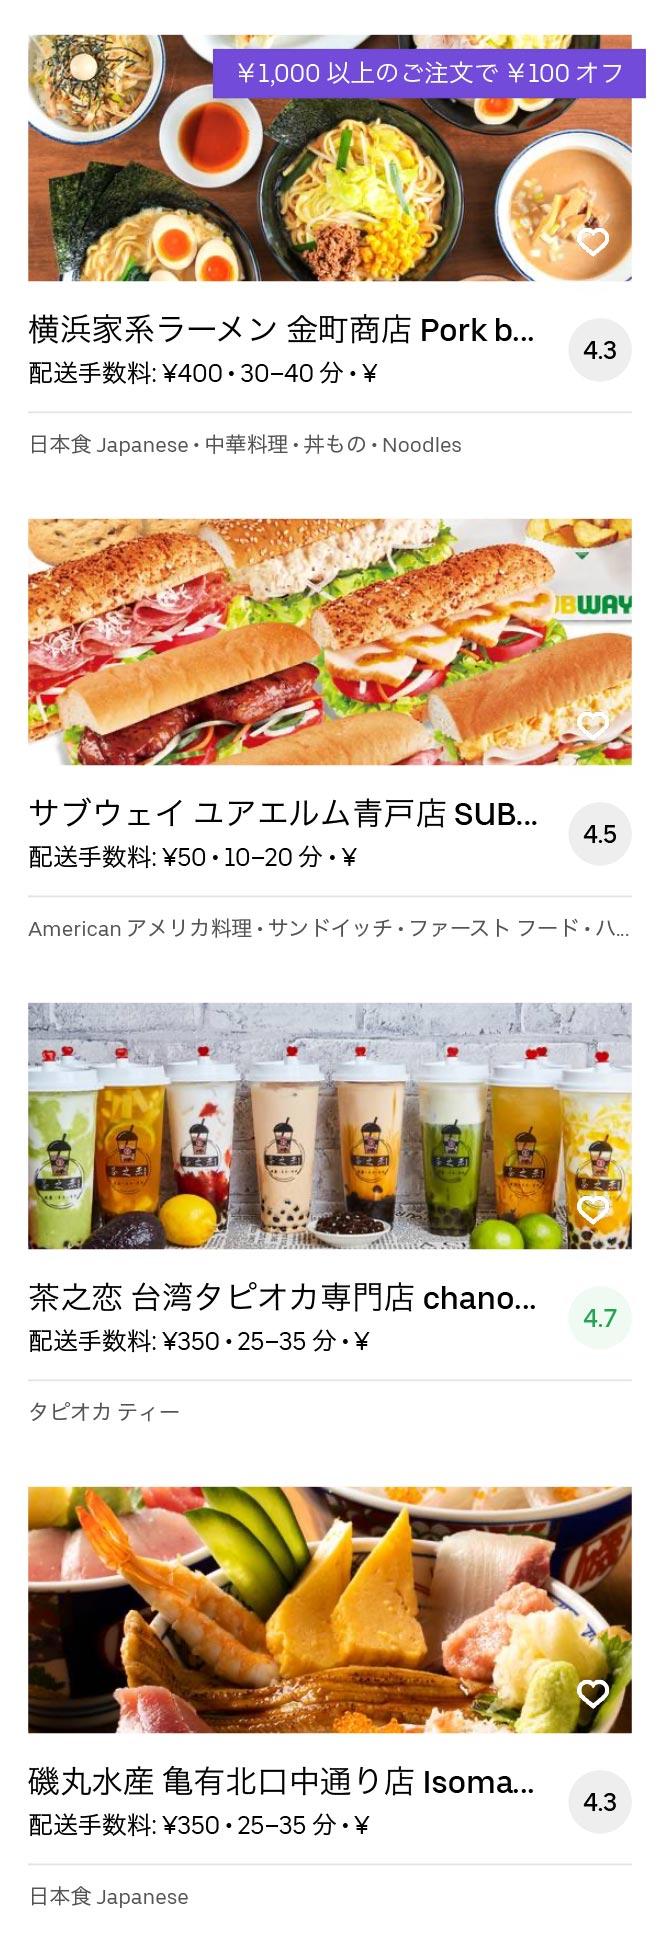 Tokyo aoto menu 2005 02